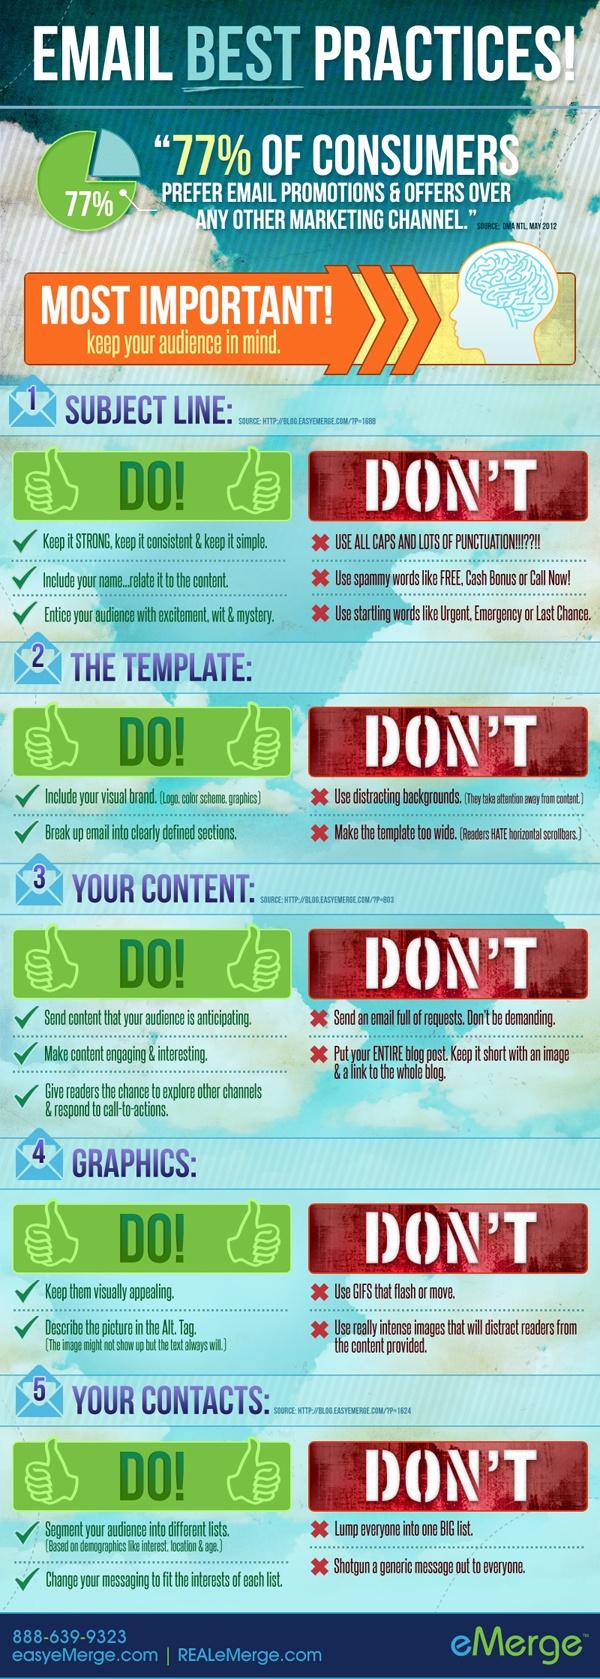 email-best-practices-infographic-sputnik-design